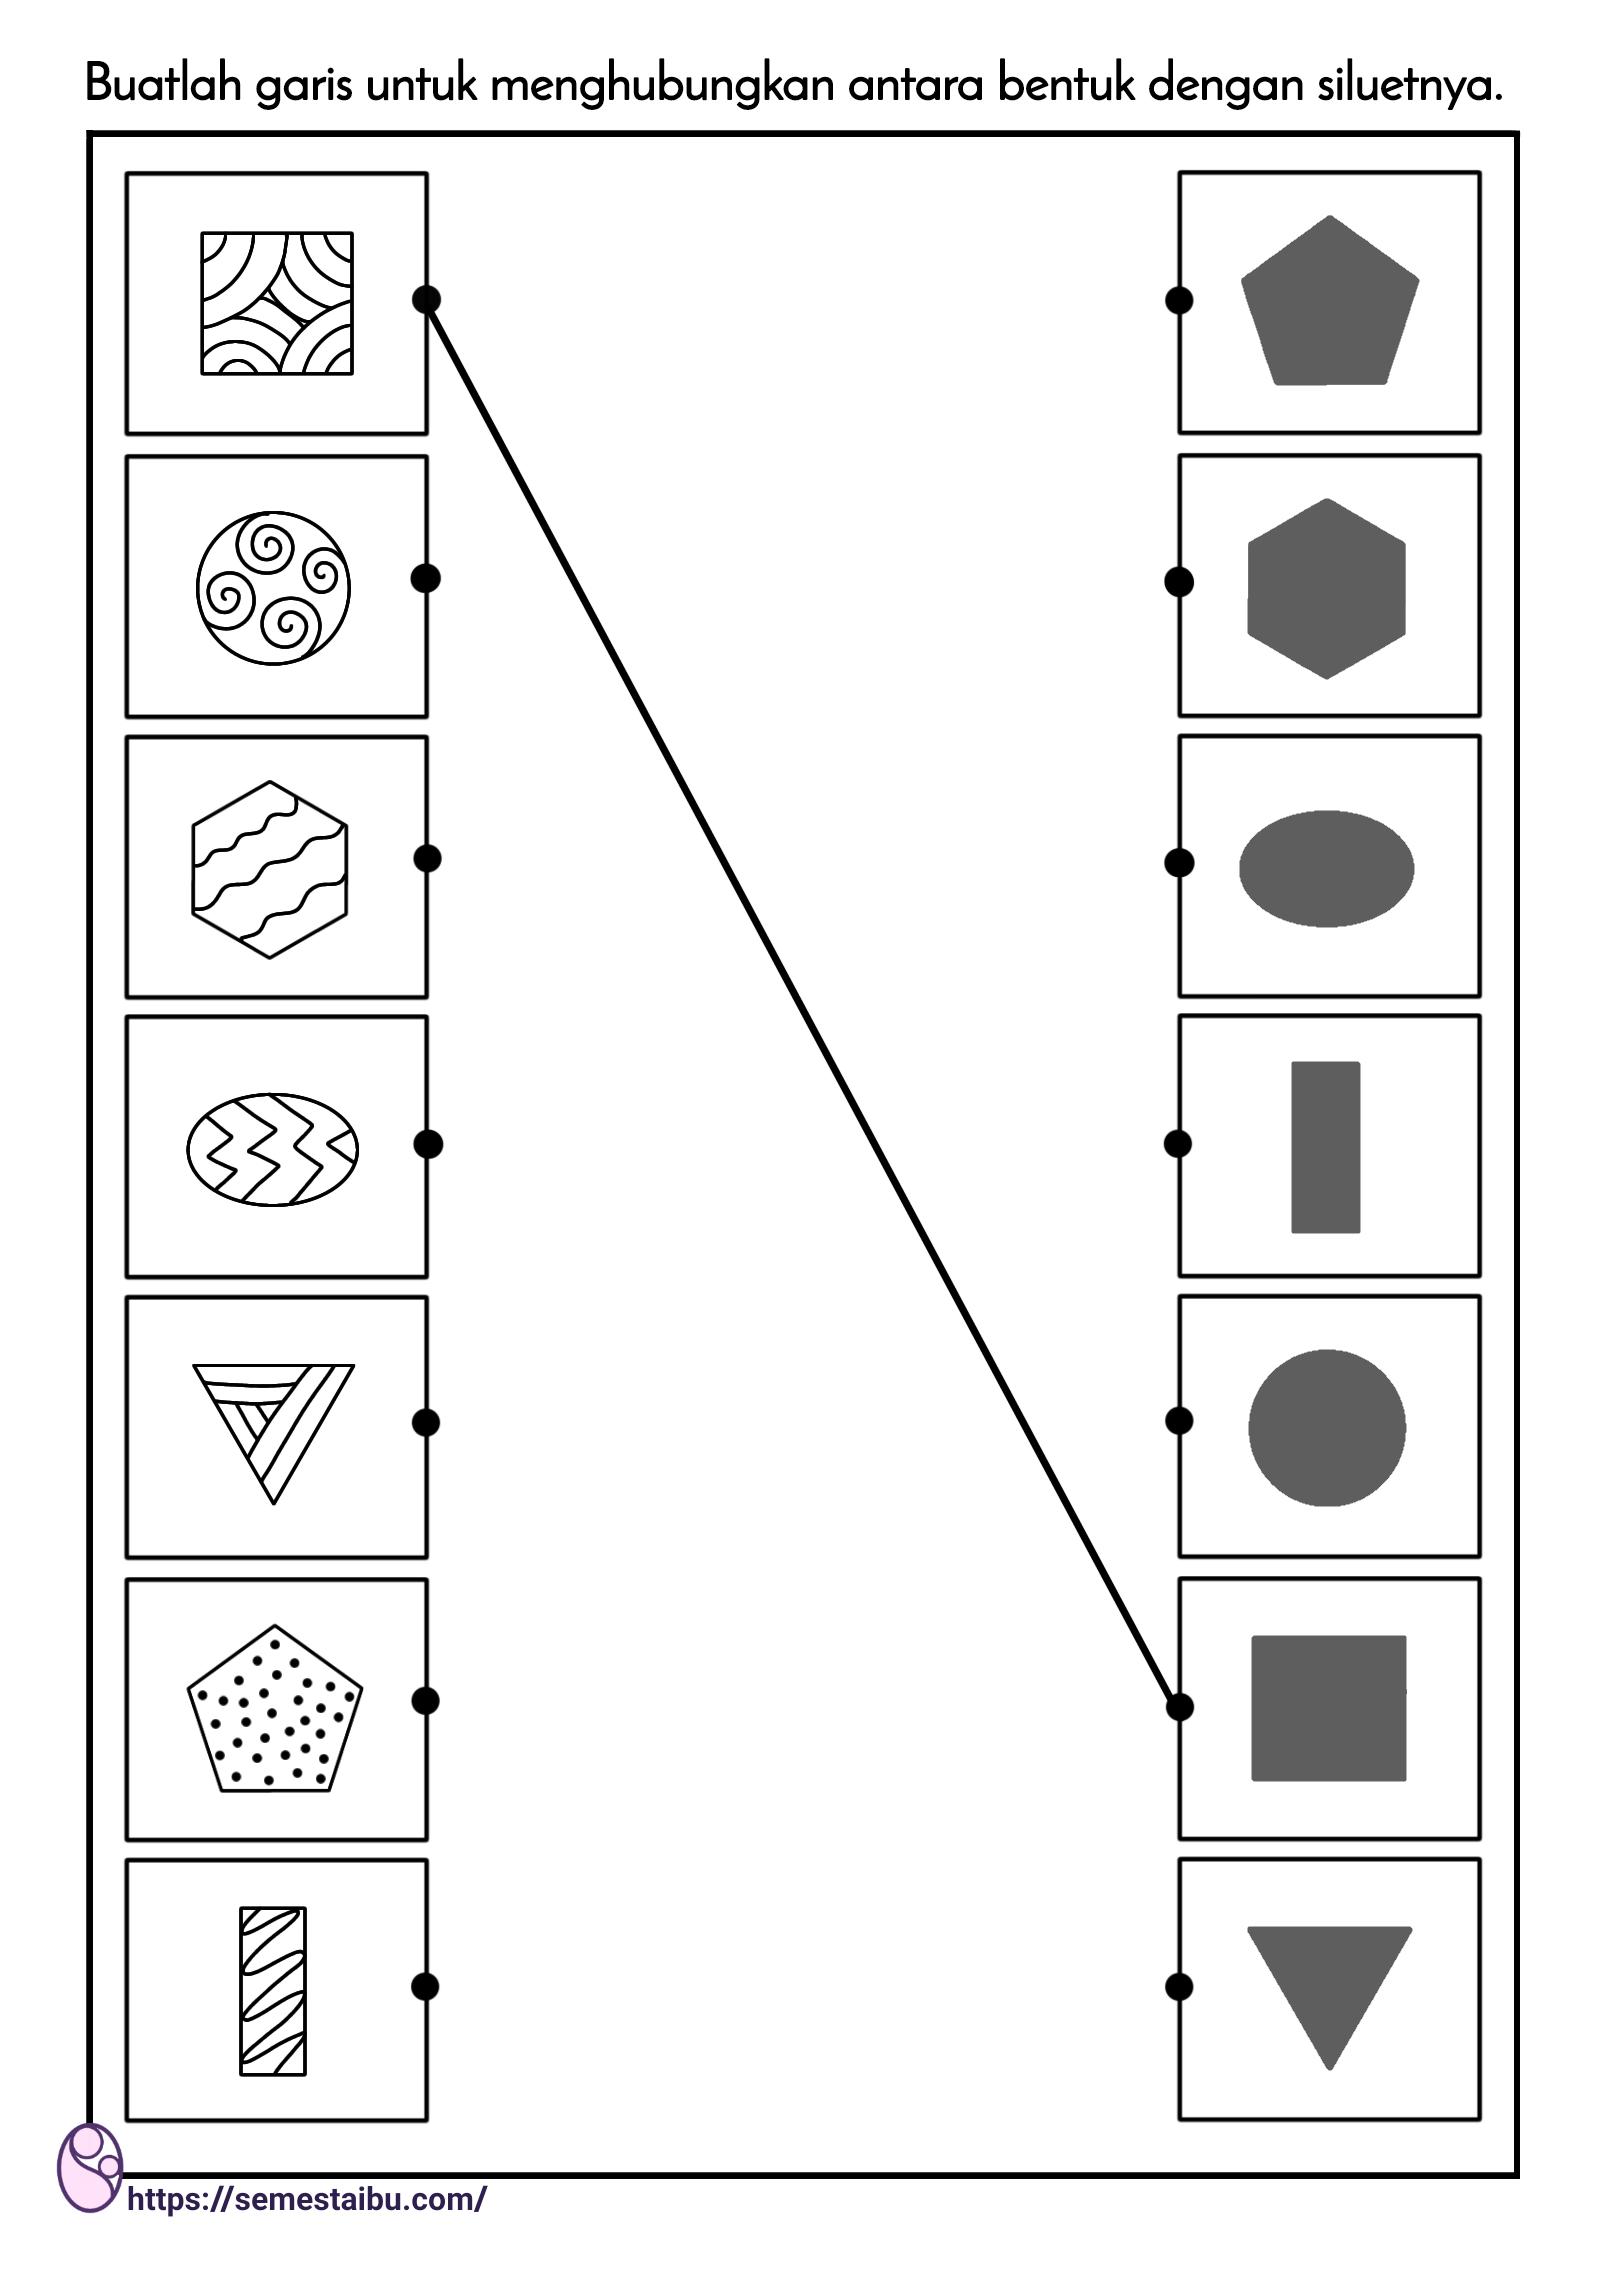 lembar kerja siluet bentuk - mencocokkan gambar